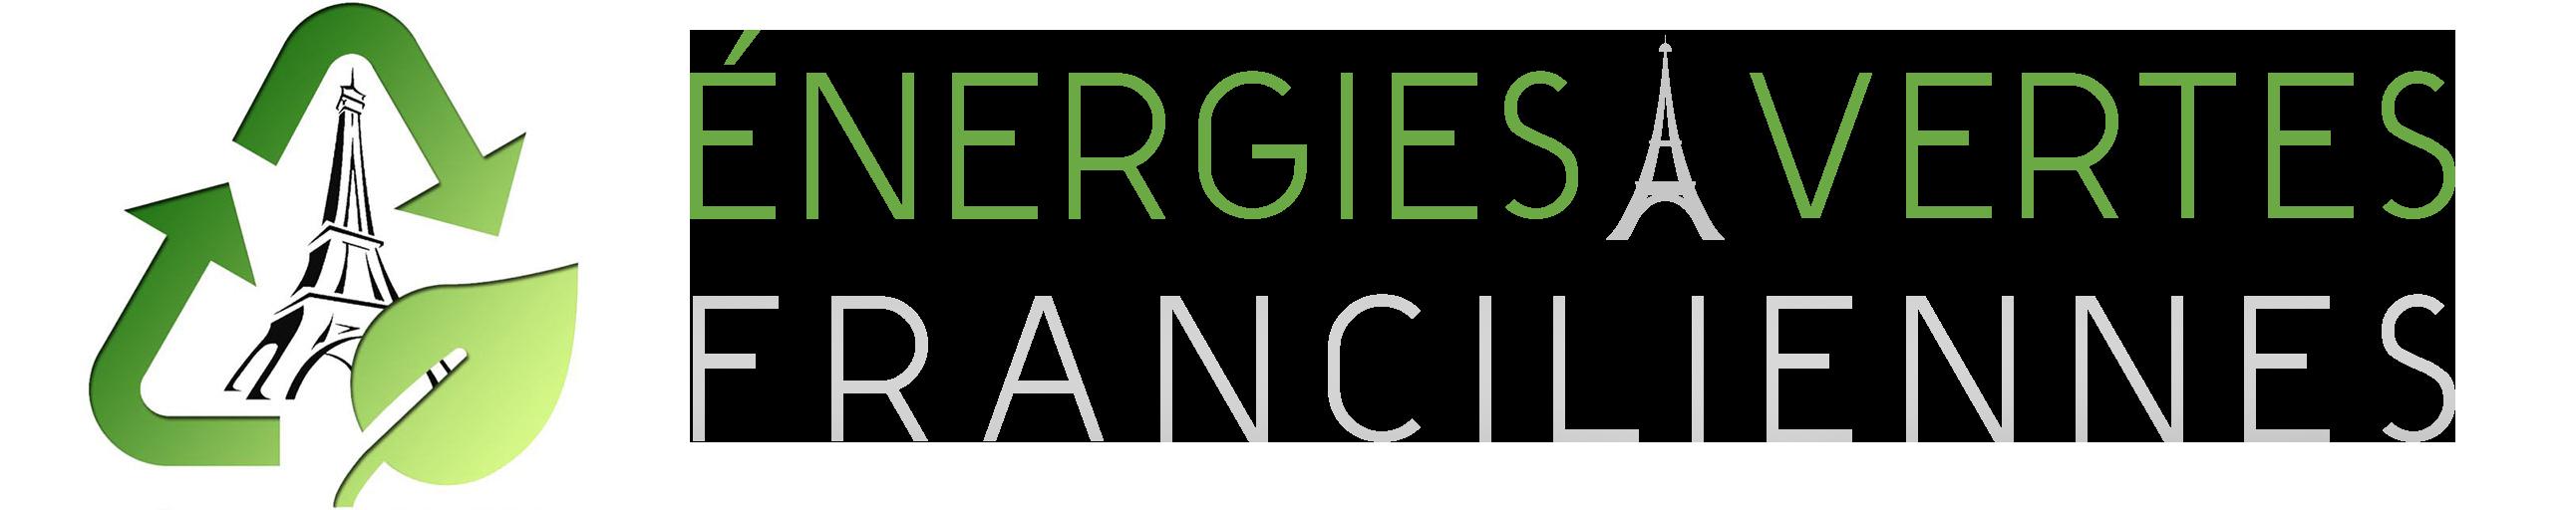 Énergies Vertes Franciliennes